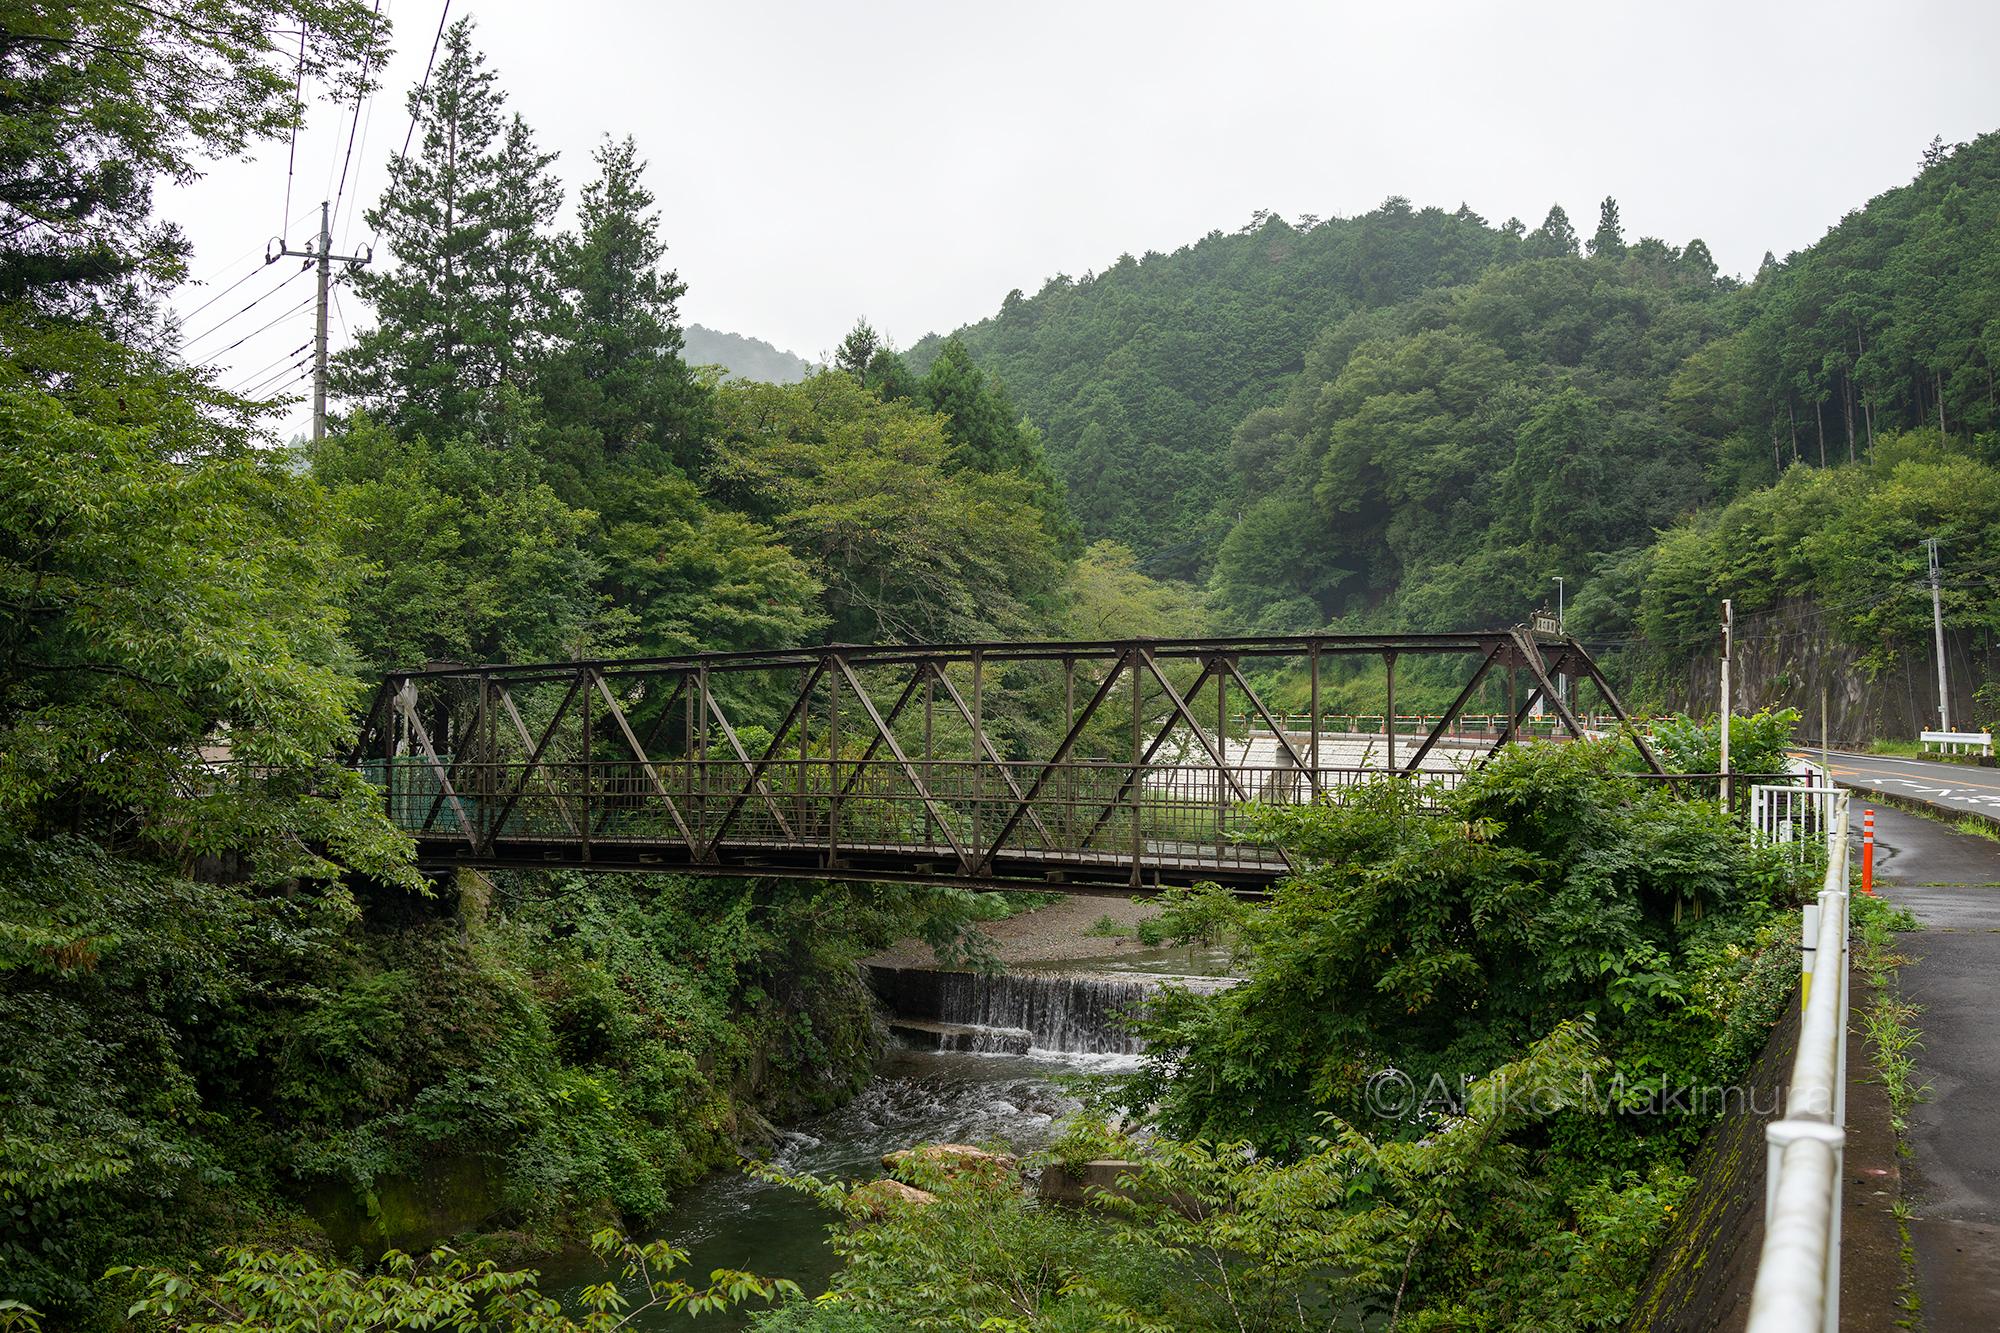 96歳の小さなトラス橋 レトロモダンな「滝の鼻橋」